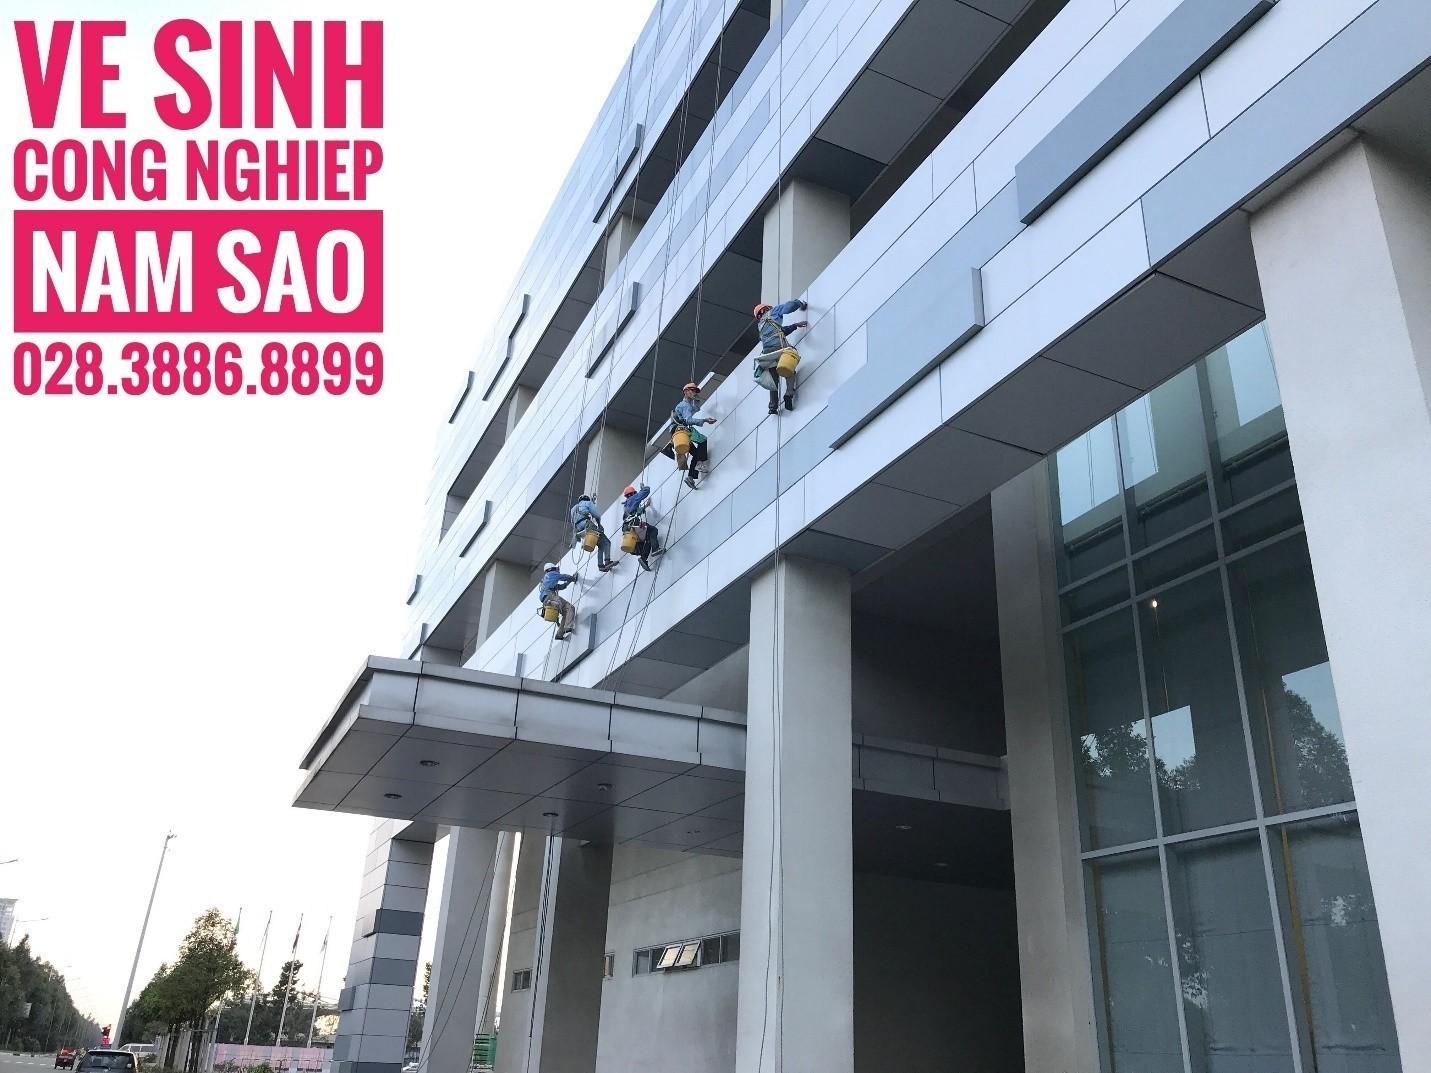 Dịch vụ lau kính tòa nhà cao tầng uy tín chuyên nghiệp